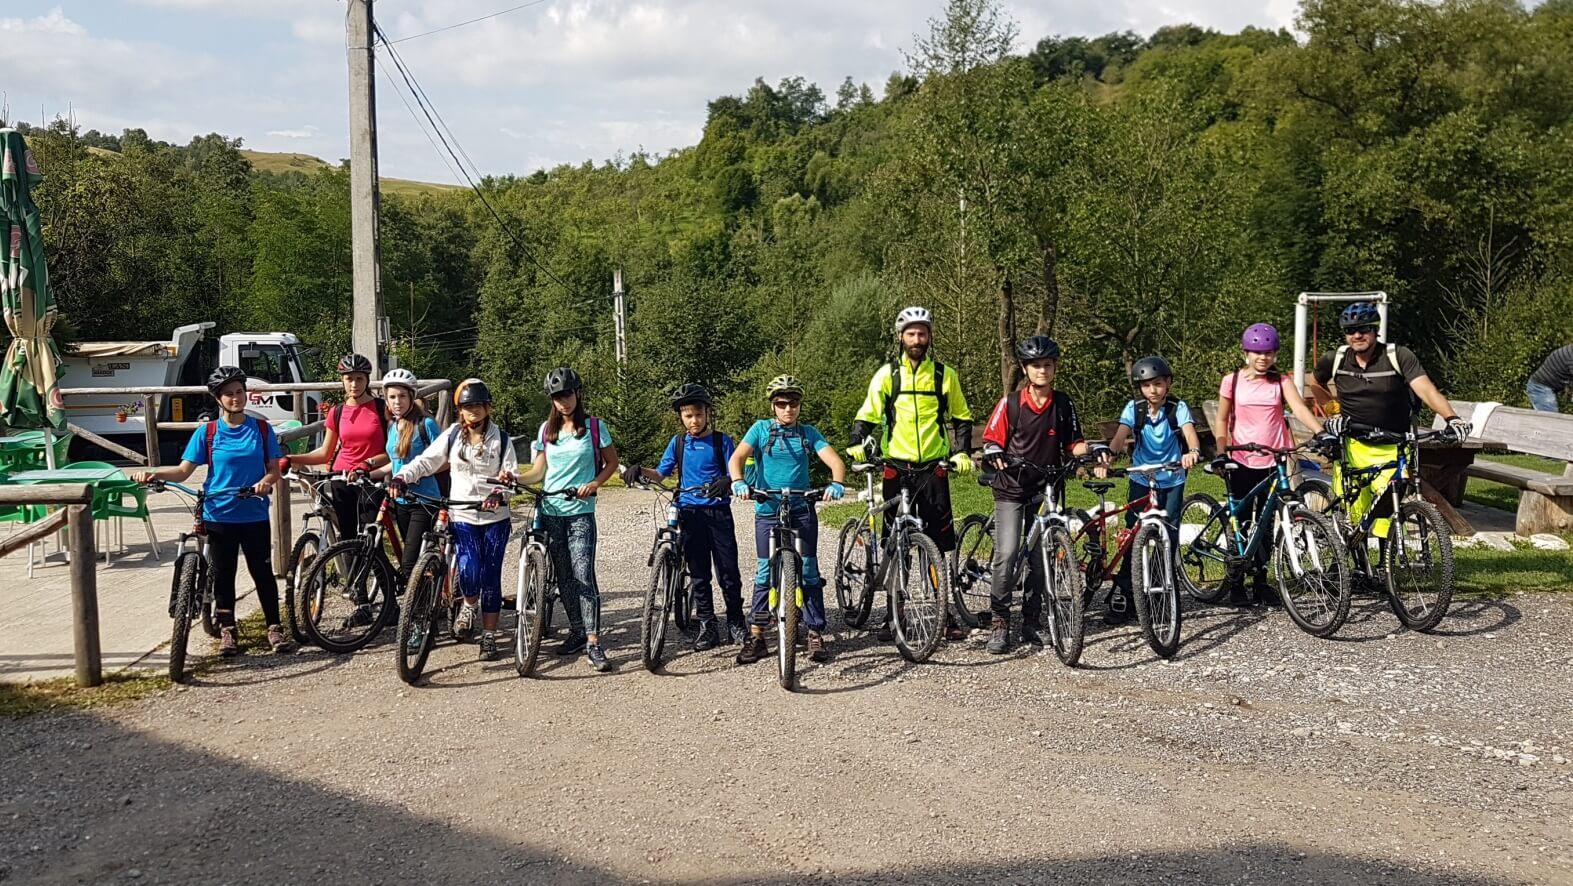 grup de biciclisti la scoala BateSaua